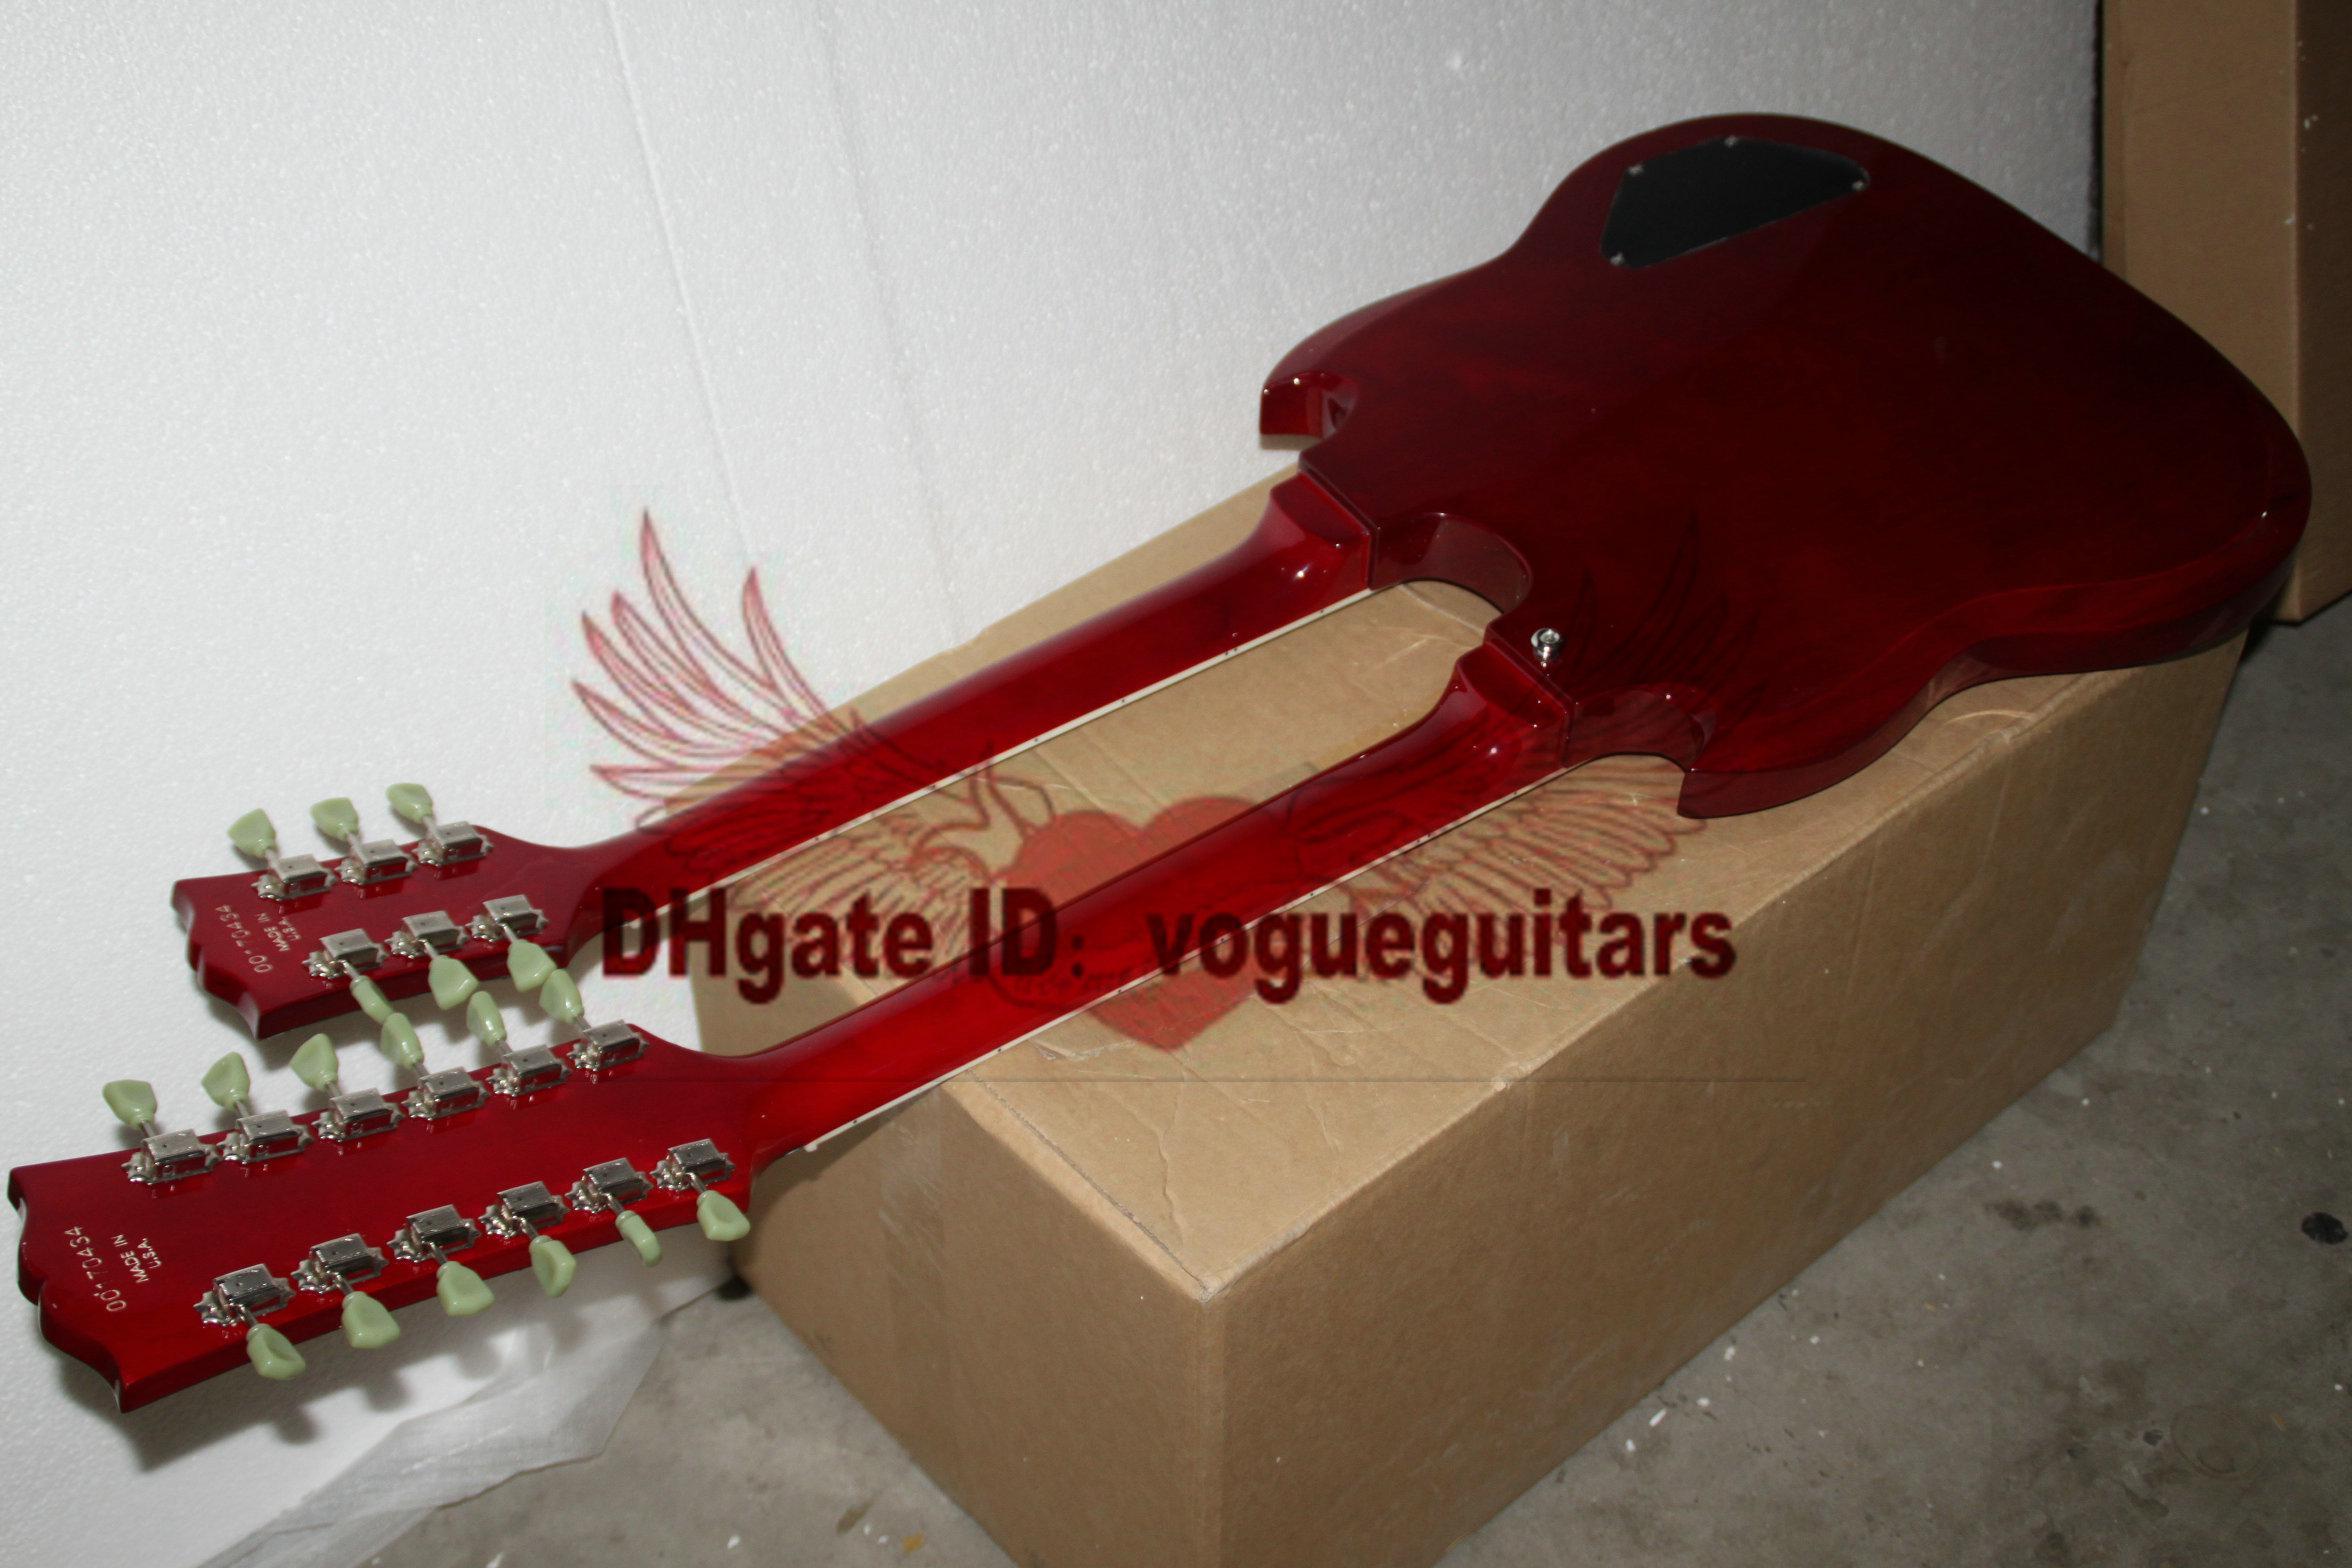 Aangepaste linkshandige gitaar dubbele hals 6 snaren 12 snaren elektrische gitaar in rode gratis verzending 11